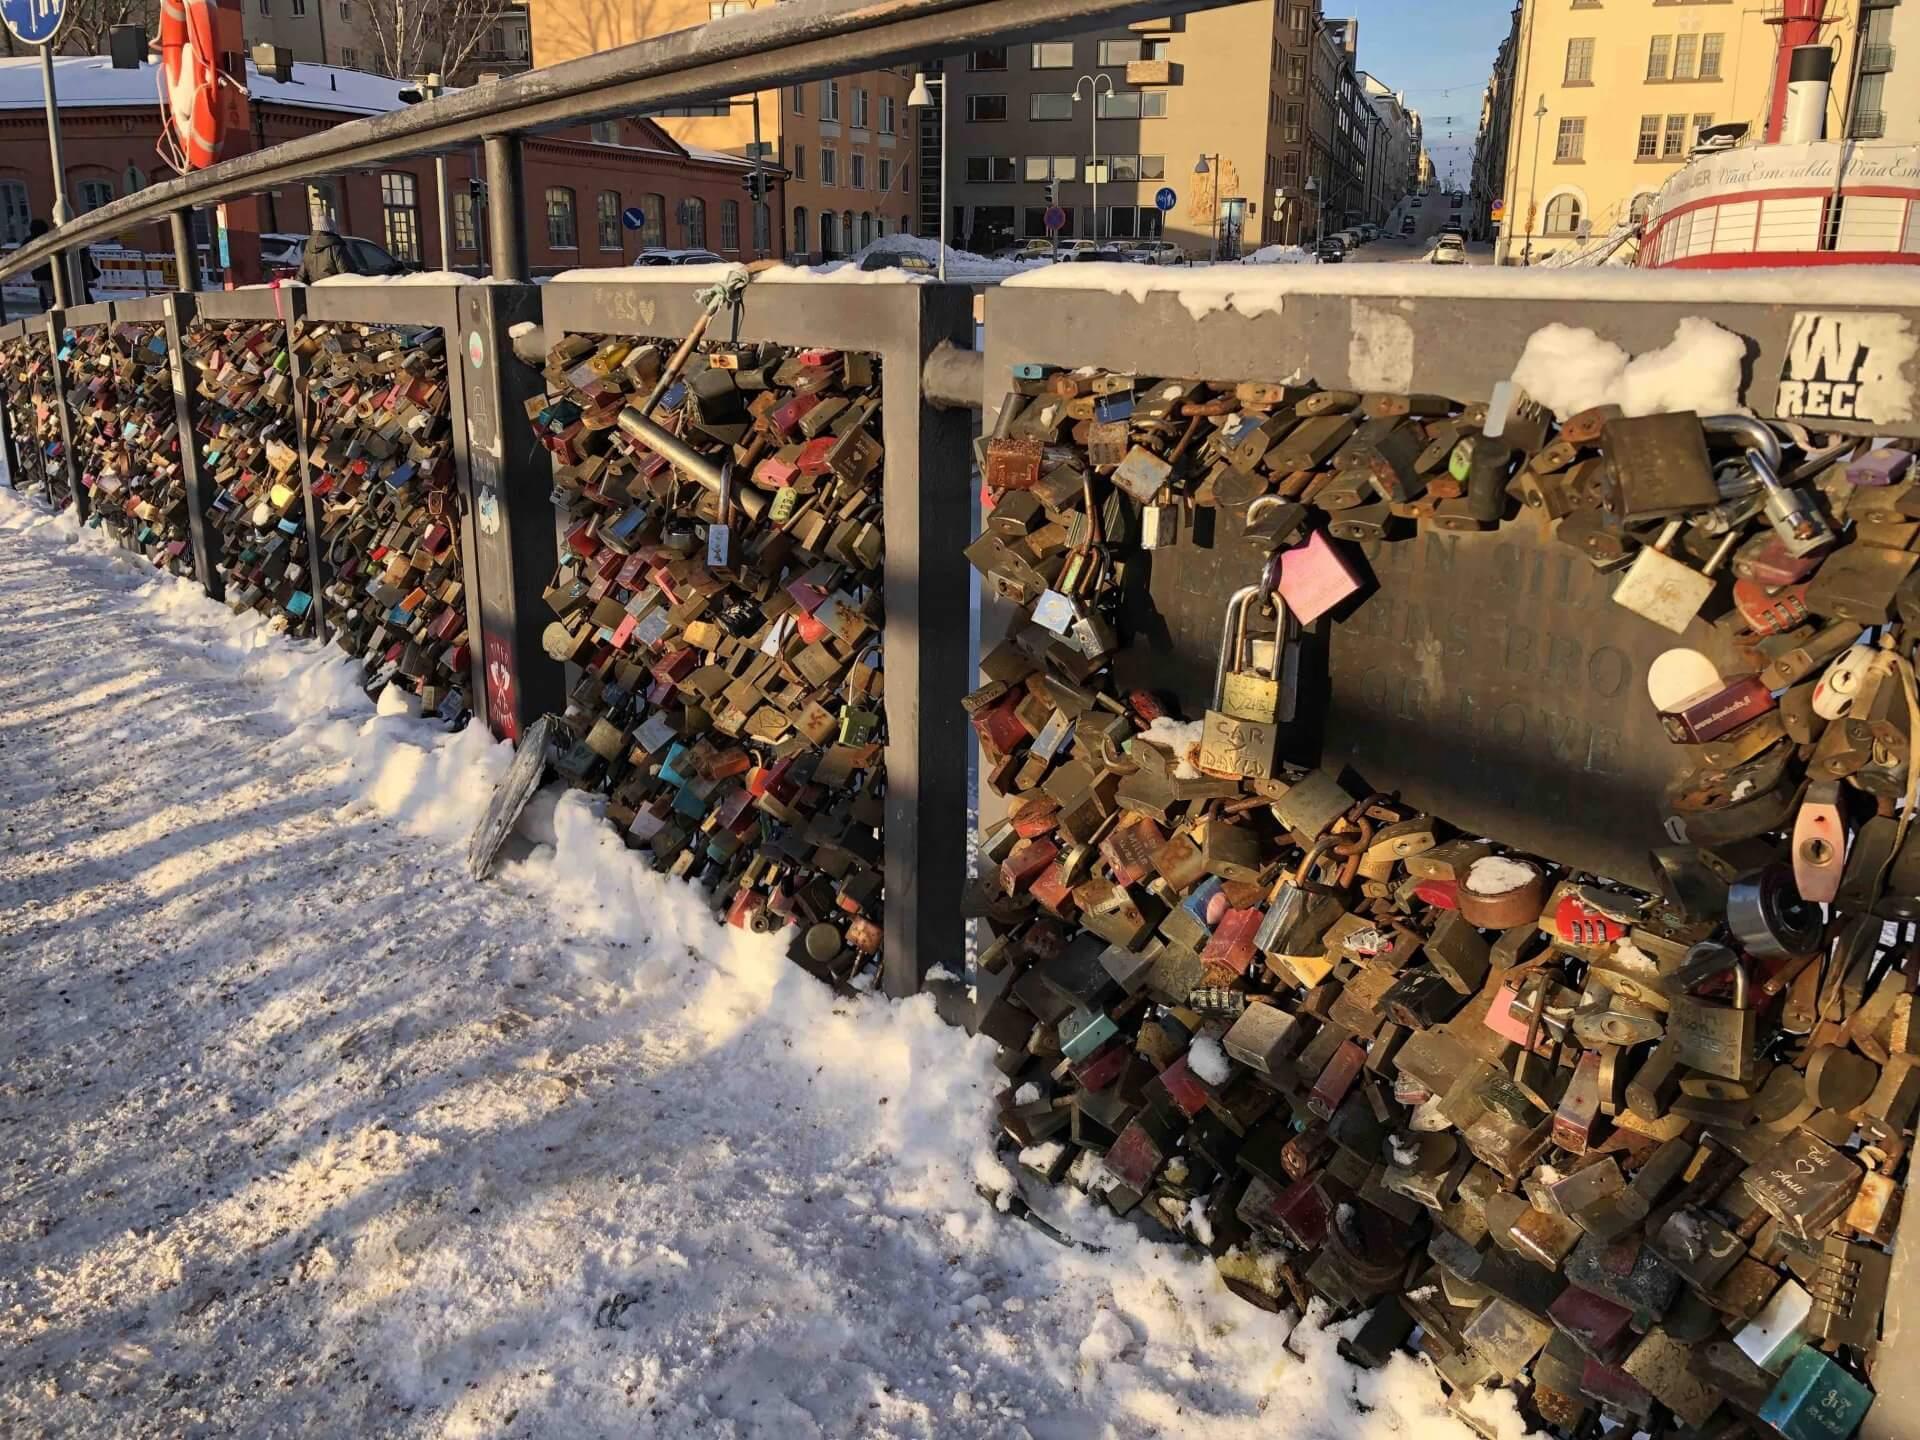 英語で「愛の橋」と書かれた橋には、たくさんの南京錠がかけられていた